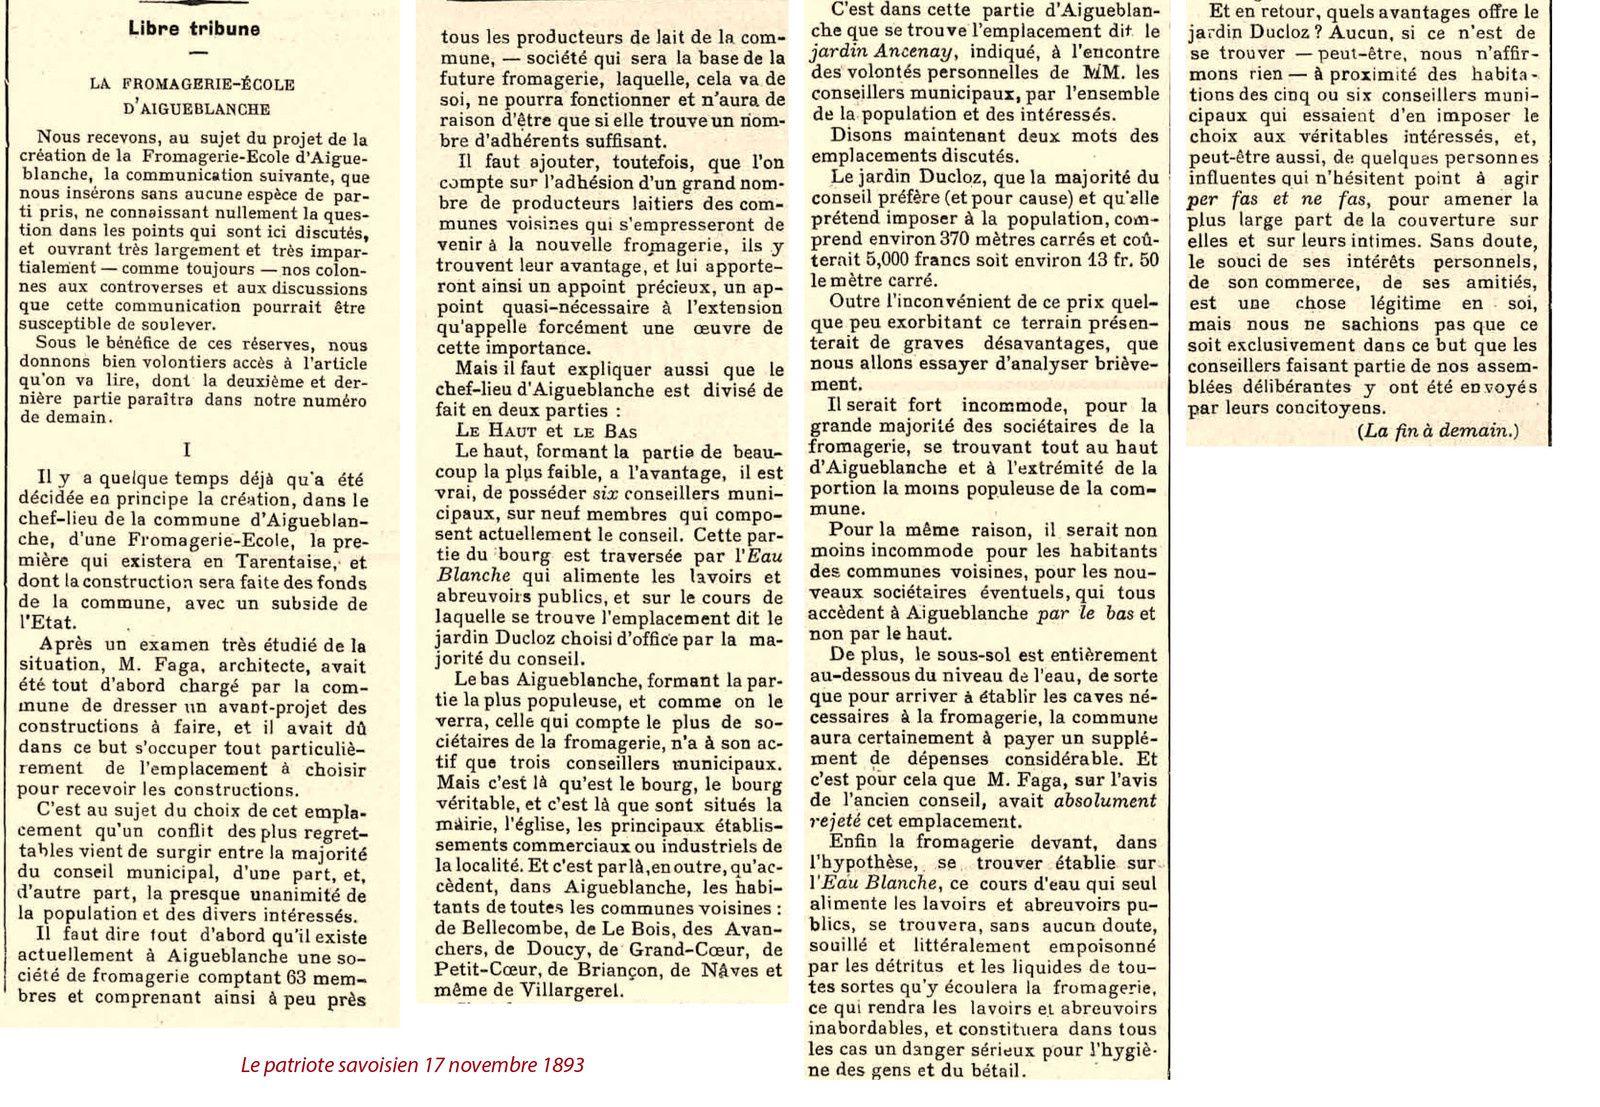 La Fromagerie d'Aigueblanche